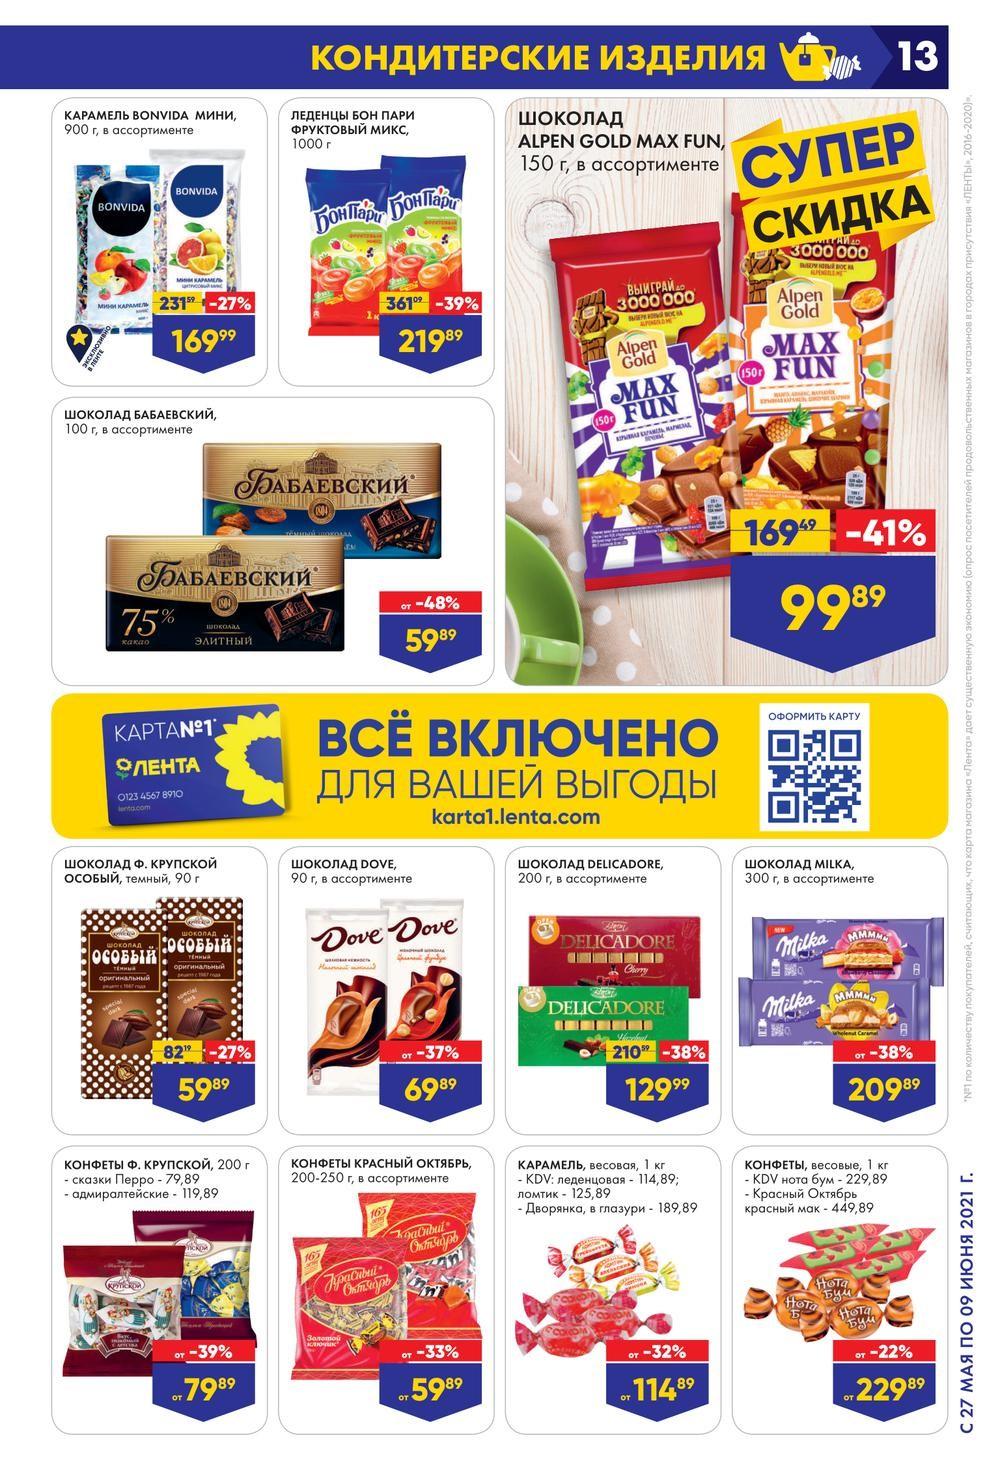 Новый каталог акций в Ленте г. Новосибирск